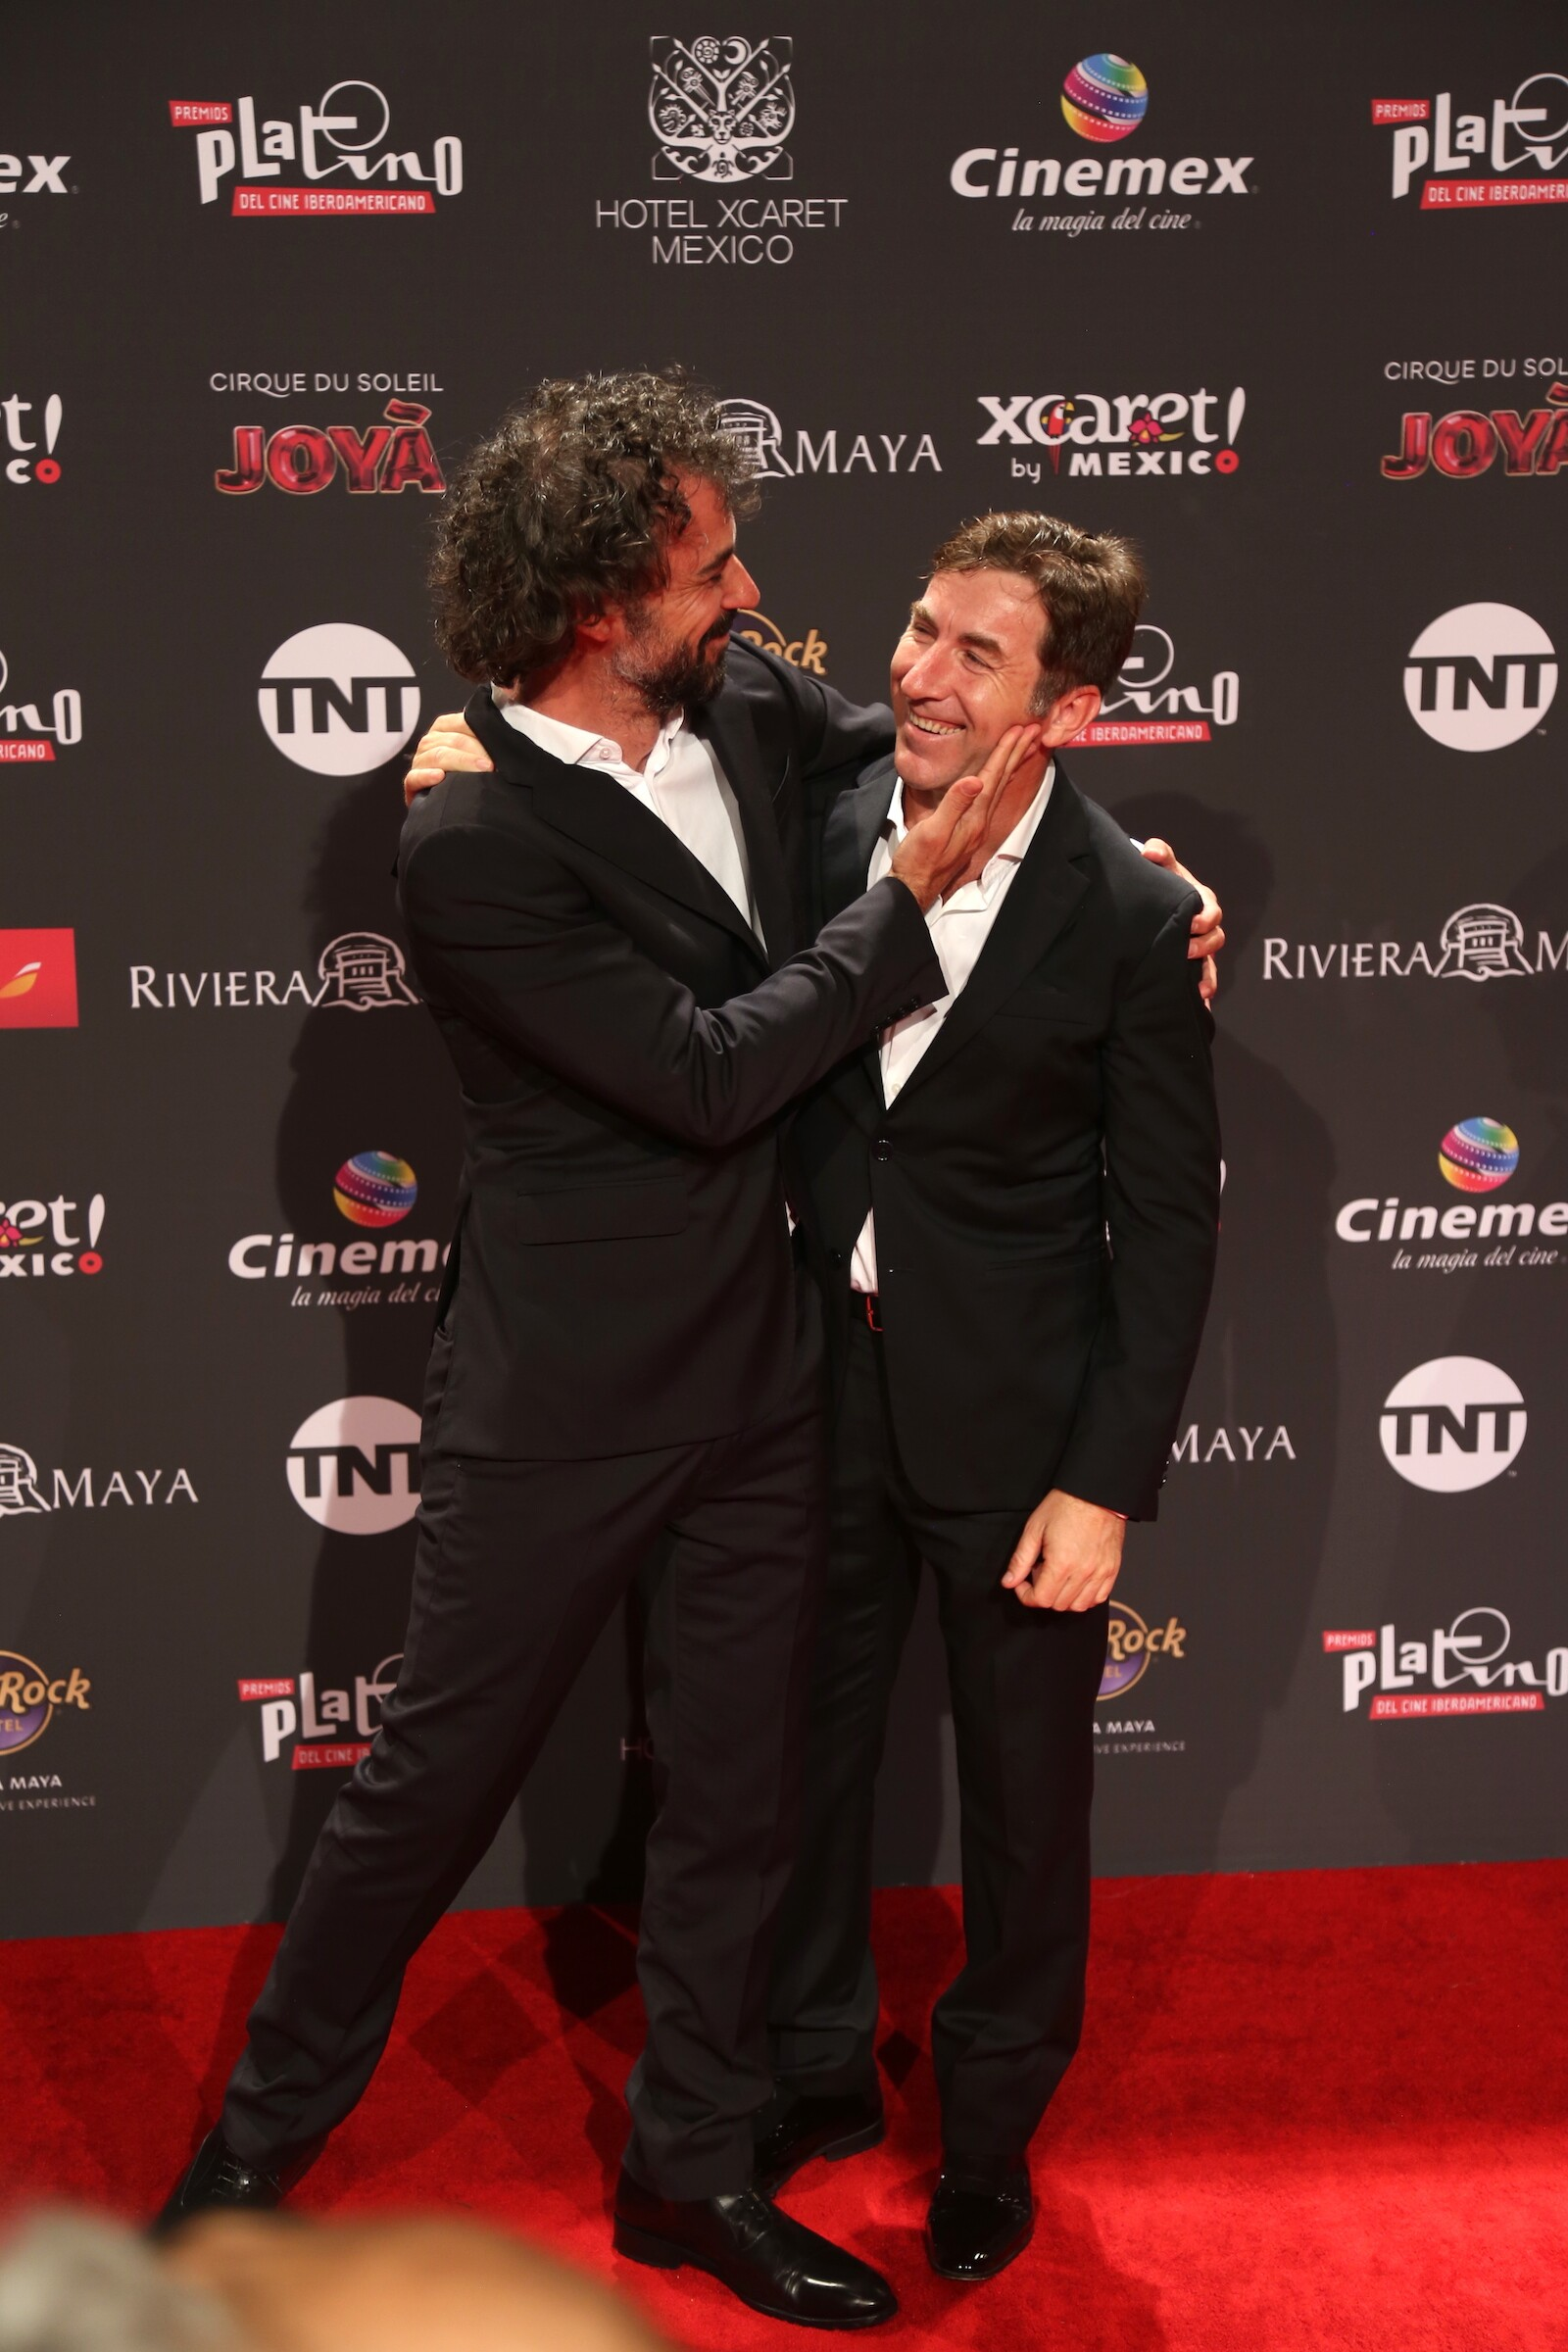 Premios Platino 2019